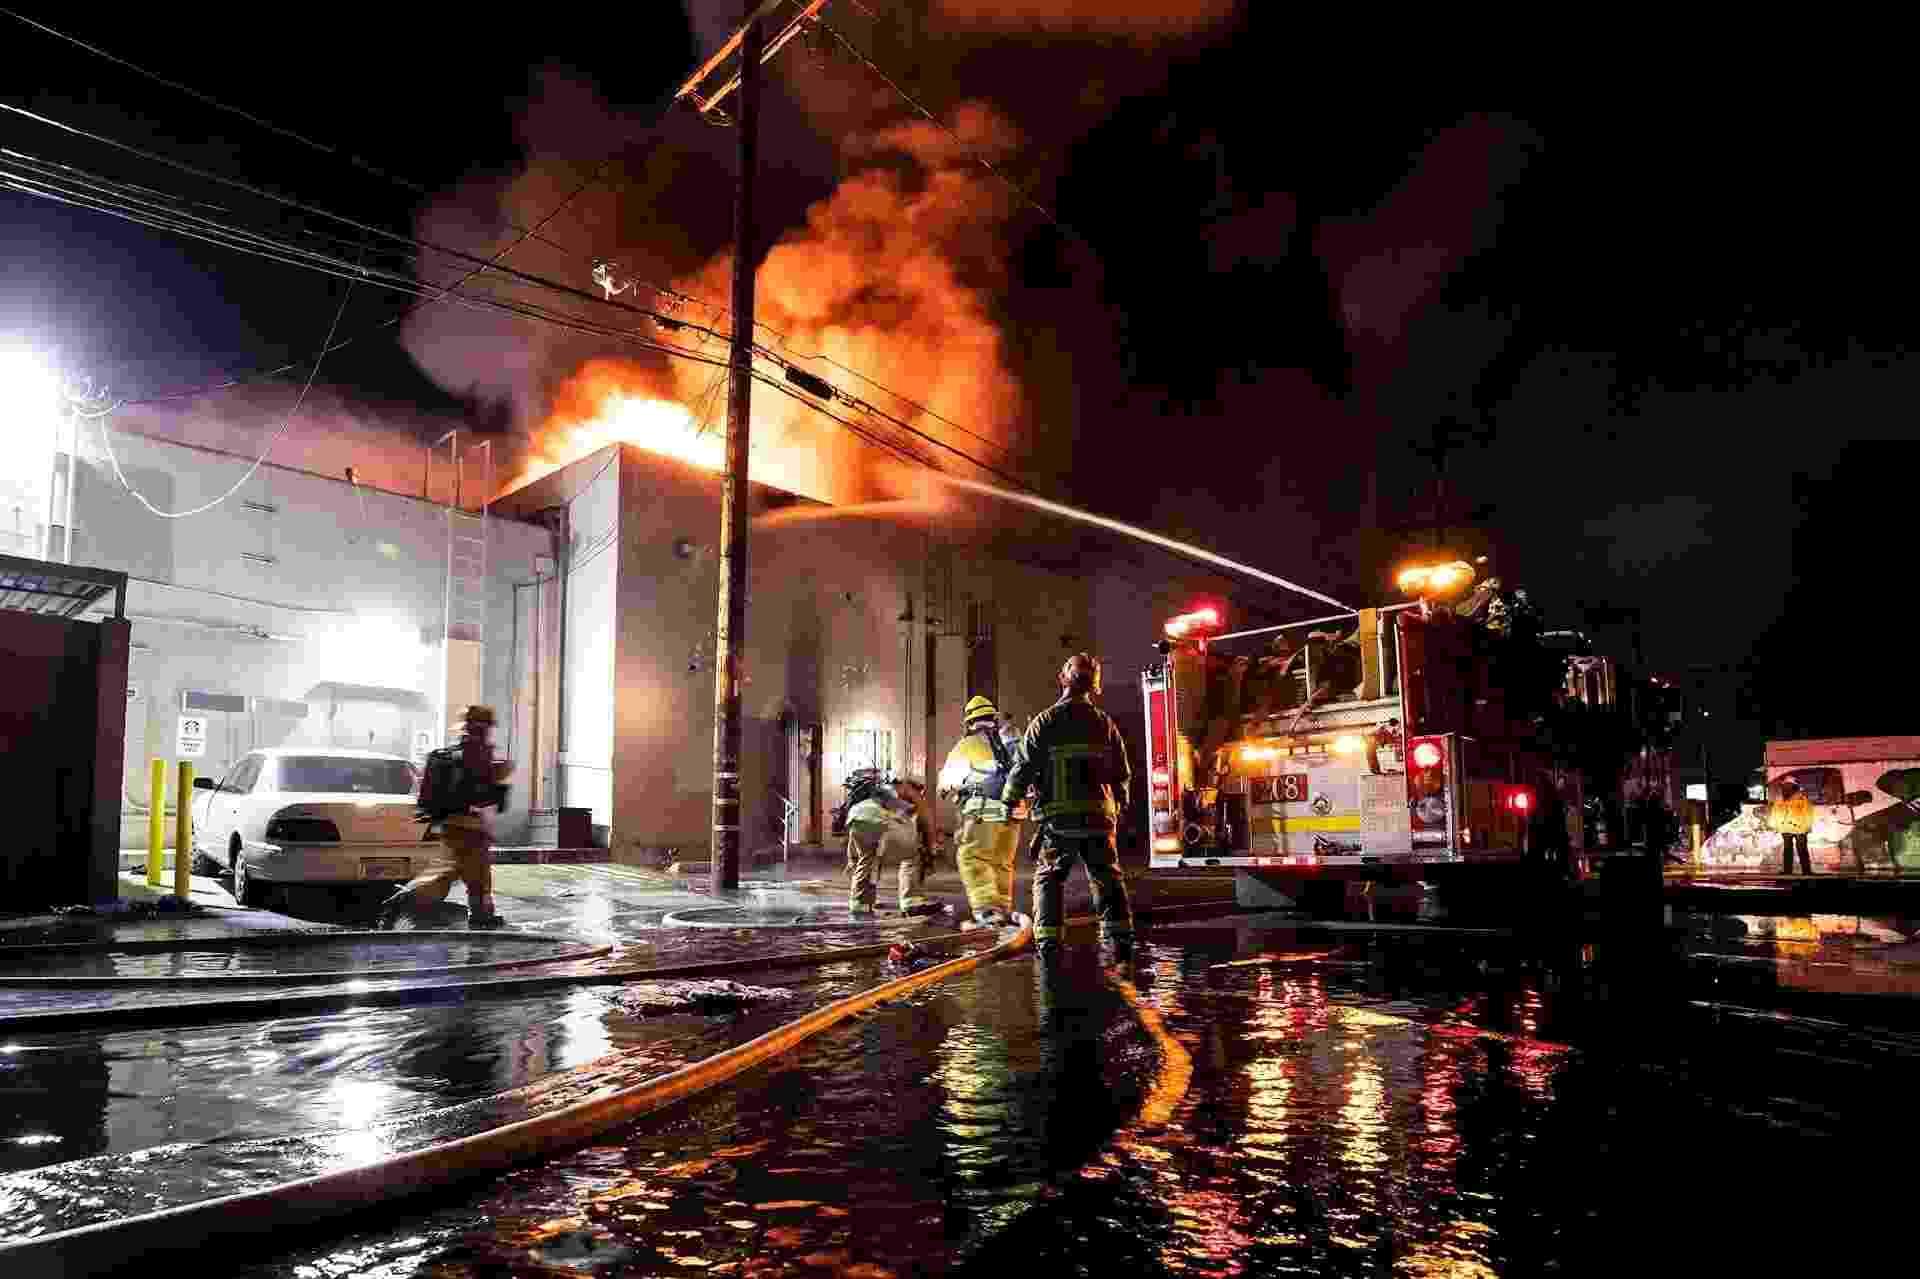 31.mai.2020 - Bombeiros apagam incêndio em uma loja saqueada em Los Angeles durante protesto pela morte de George Floyd - Etienne Laurent/Efe